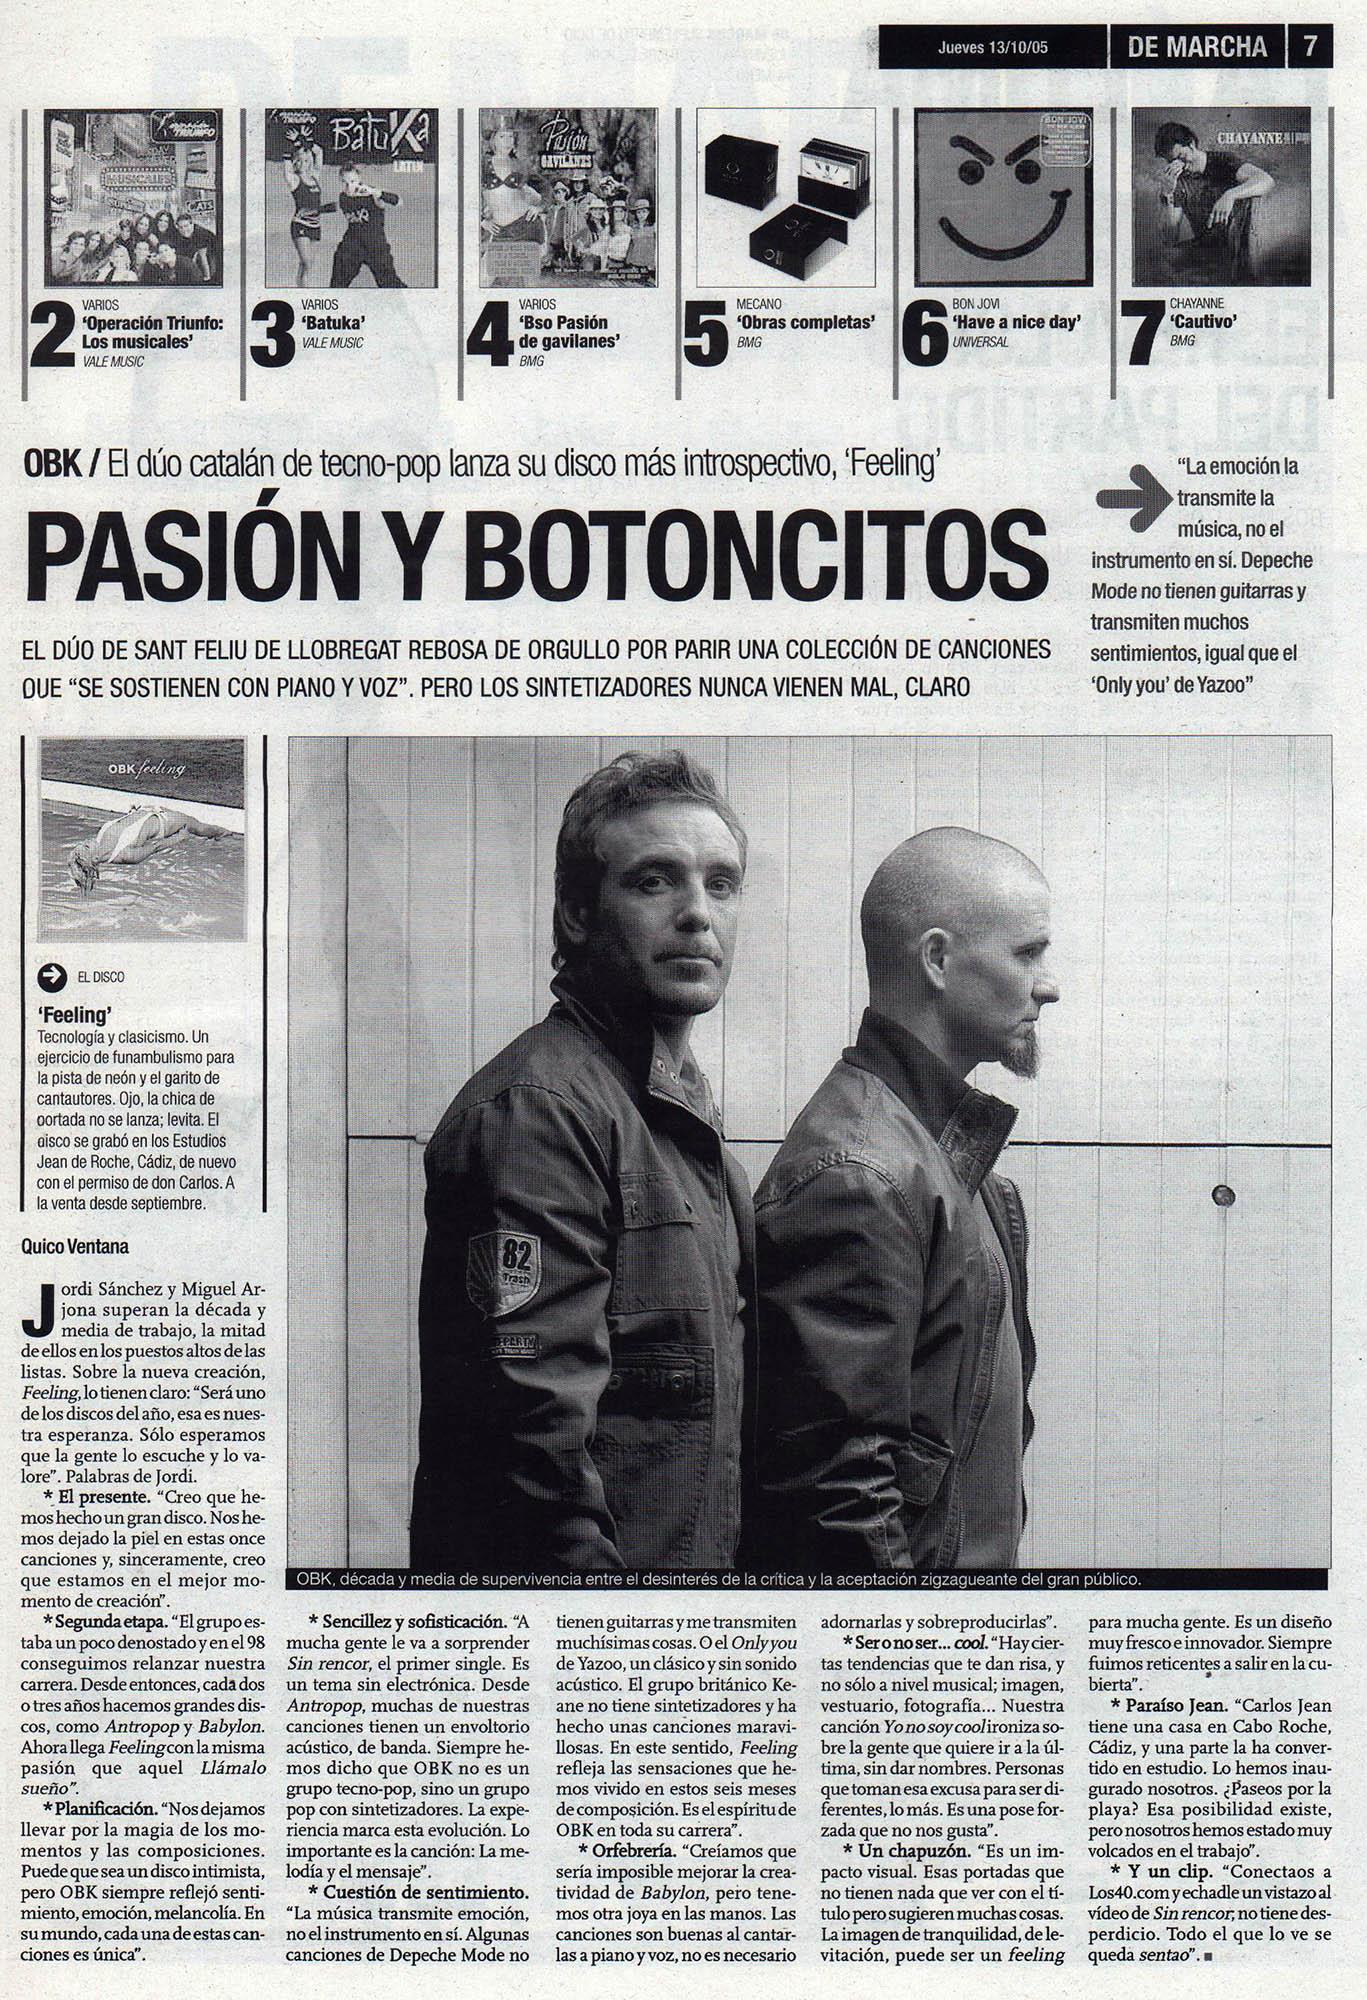 OBK: pasión y botoncitos - Feeling | De Marcha - El Correo | 13 oct 2005